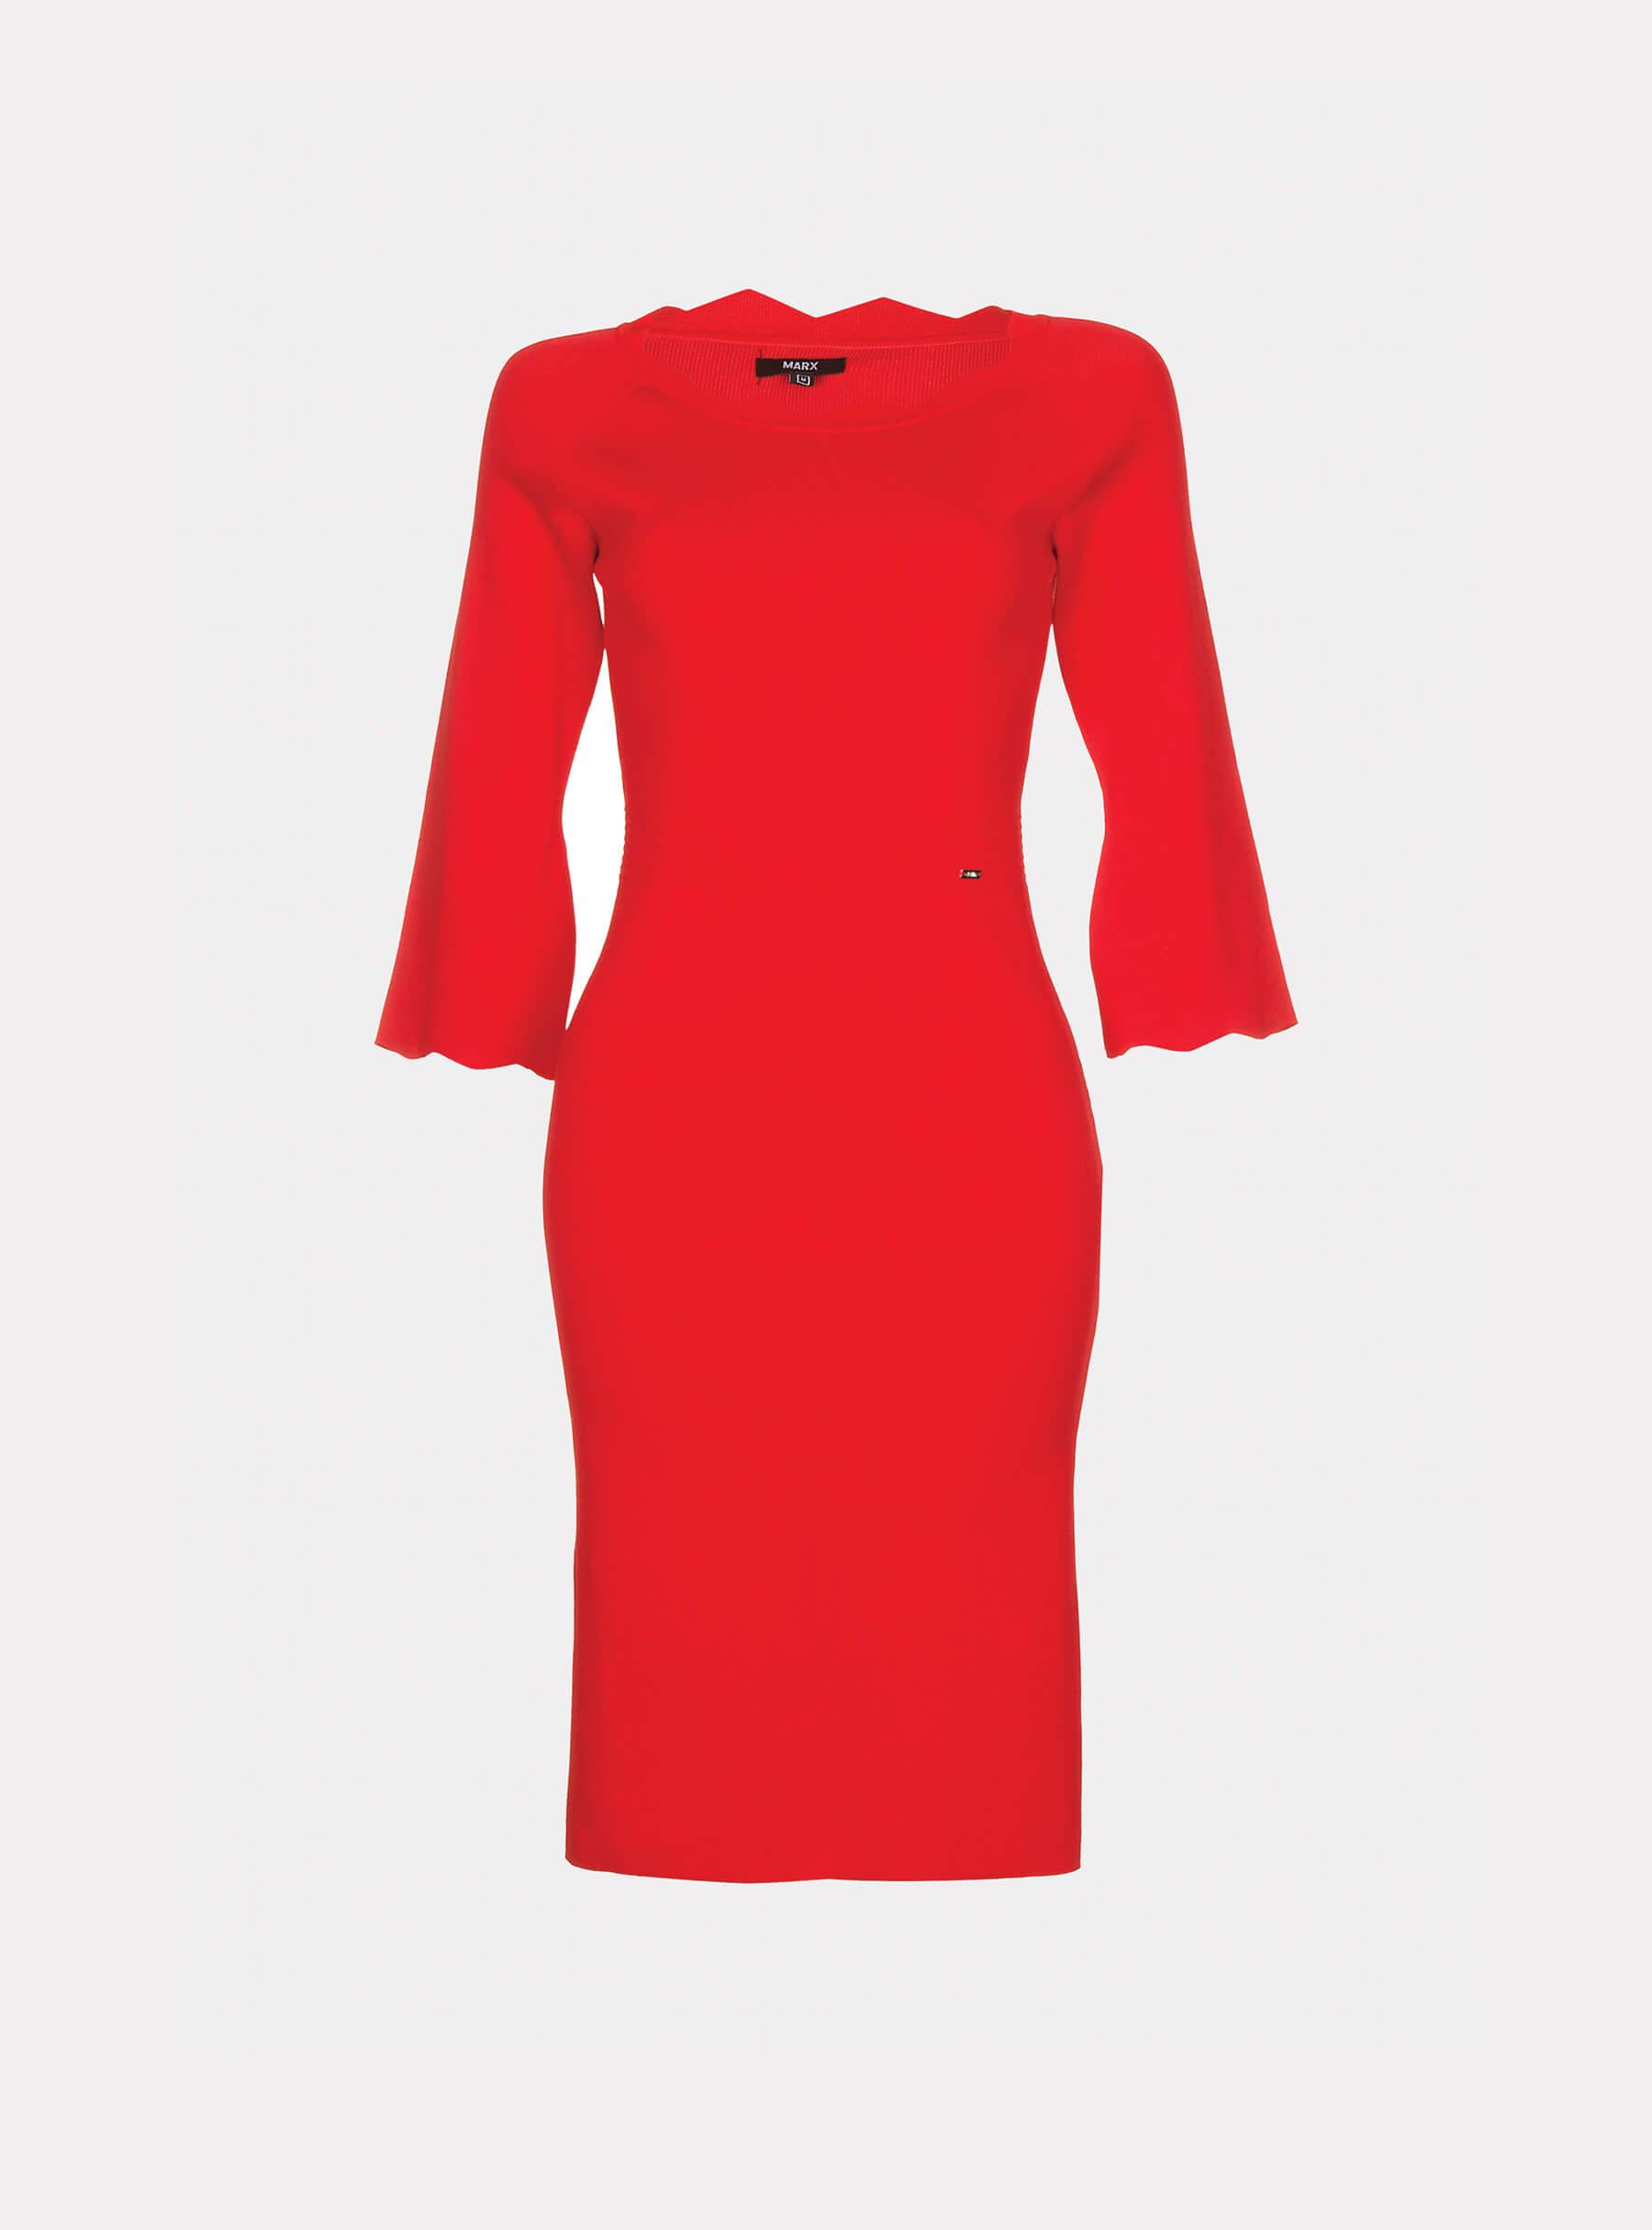 Obleka MARX 49,99 €